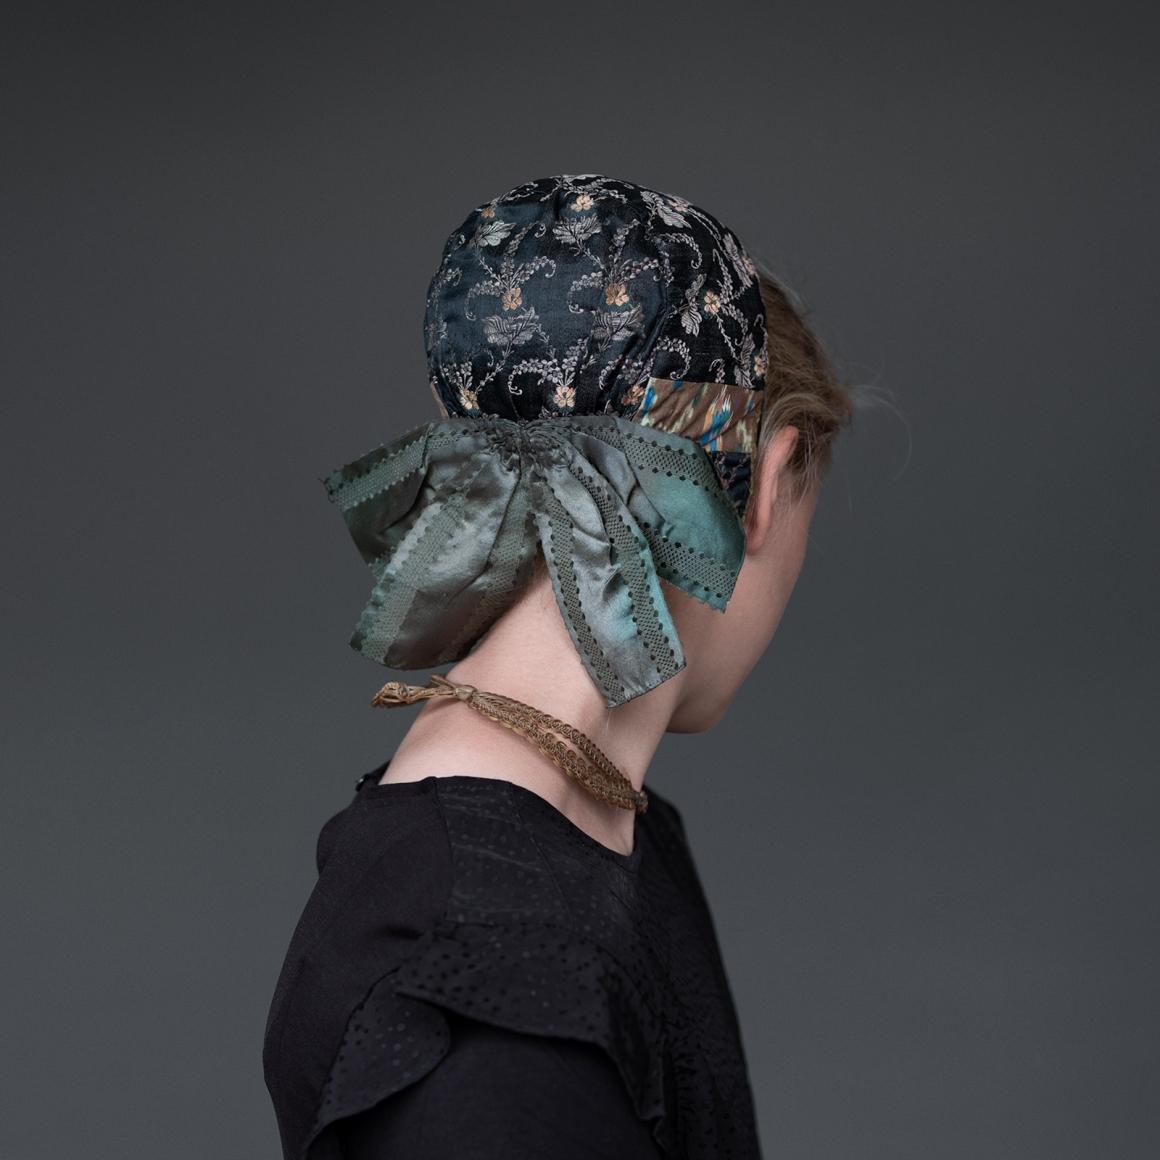 Hovedtøj #10, 2019, Archival pigment print